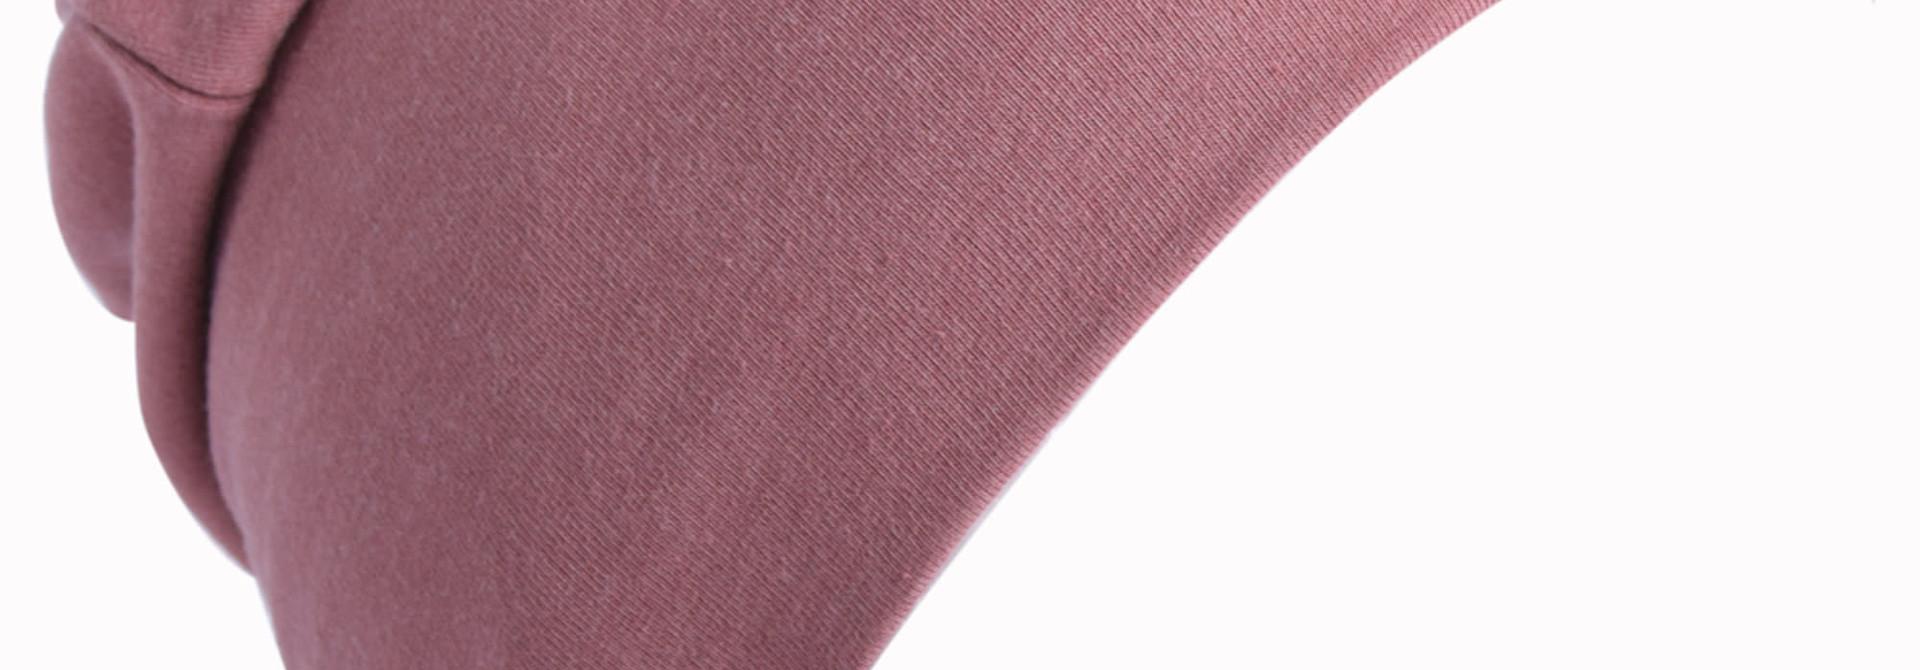 Tuque Coton - BOSTON V20 Aubergine